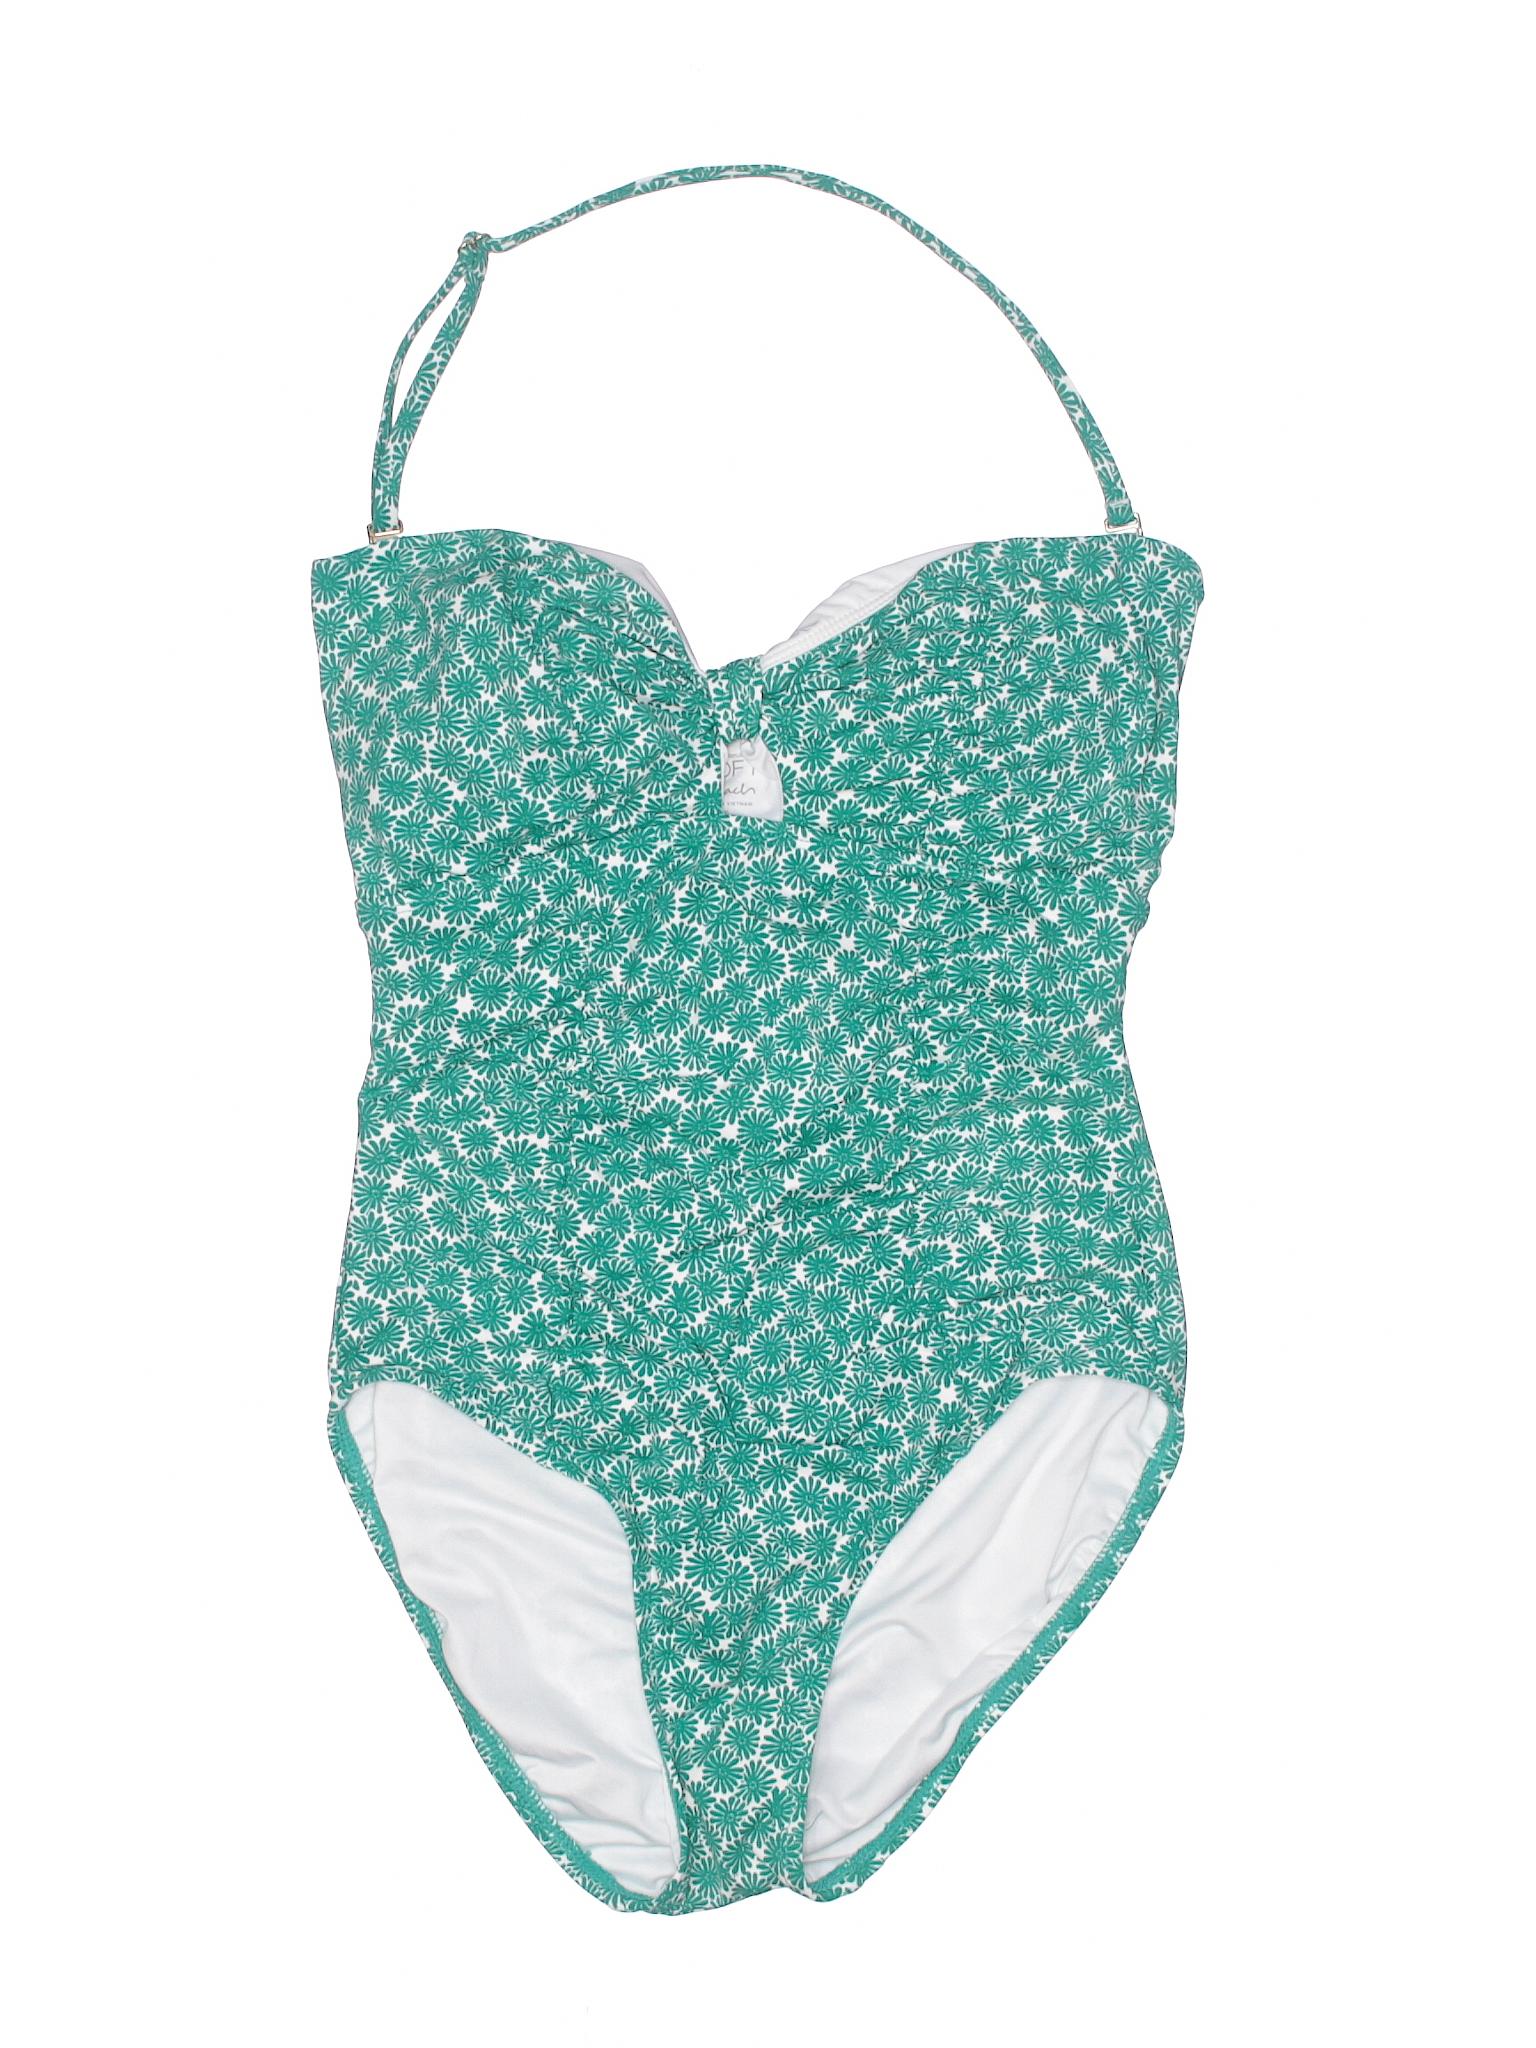 9433ebb07a Ann Taylor LOFT One Piece Swimsuit: Size 6.00 Dark Green Women's Swimwear -  $37.99